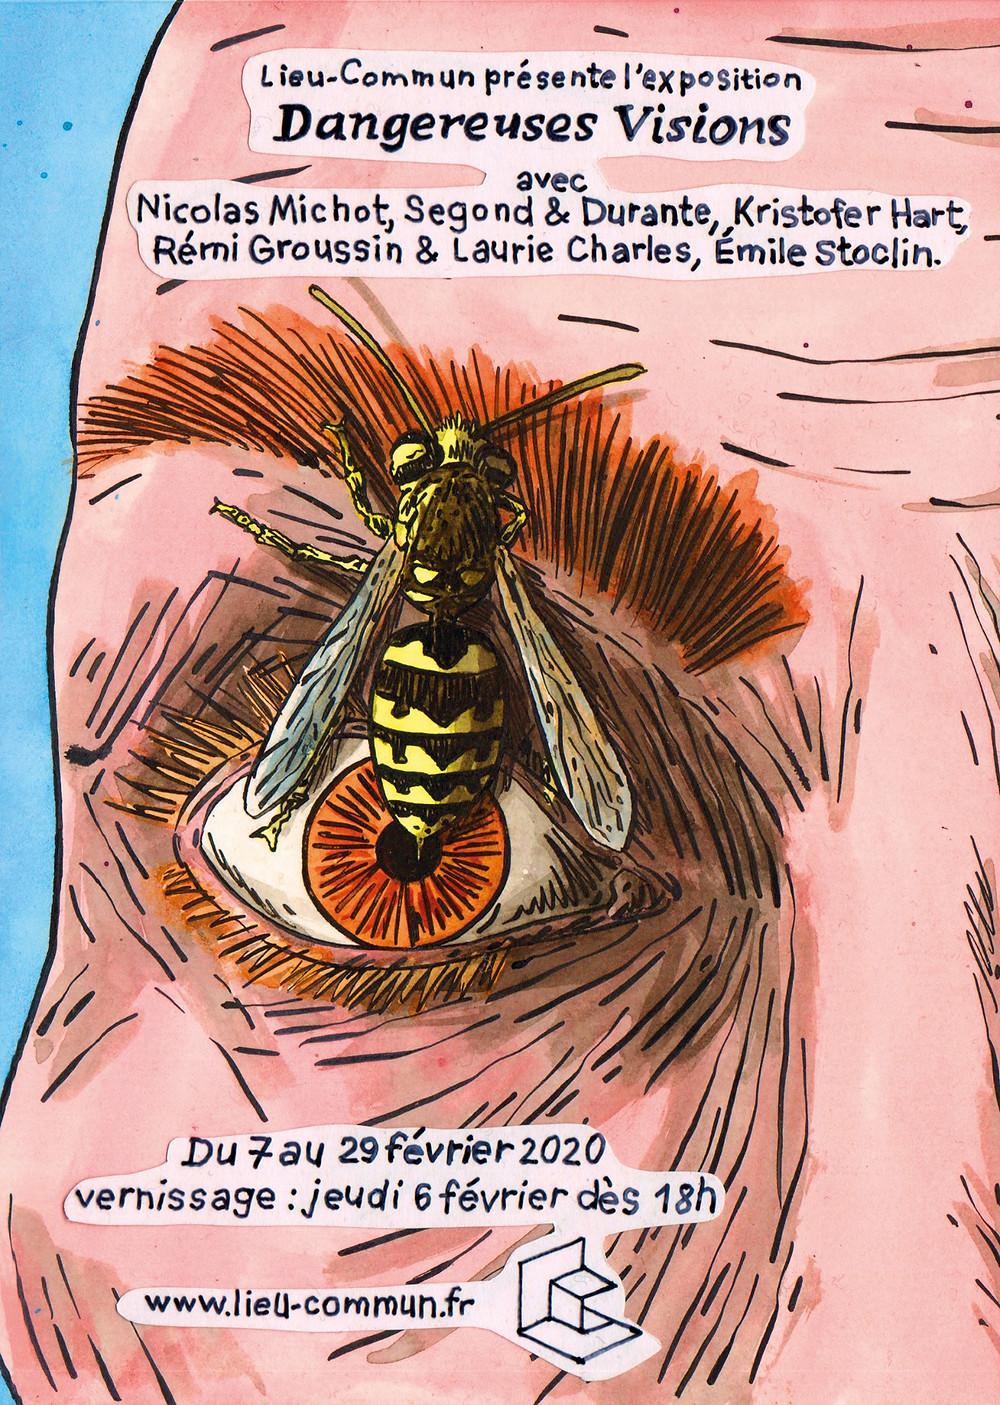 exposition dangereuses vision a Lieu-commun Toulouse